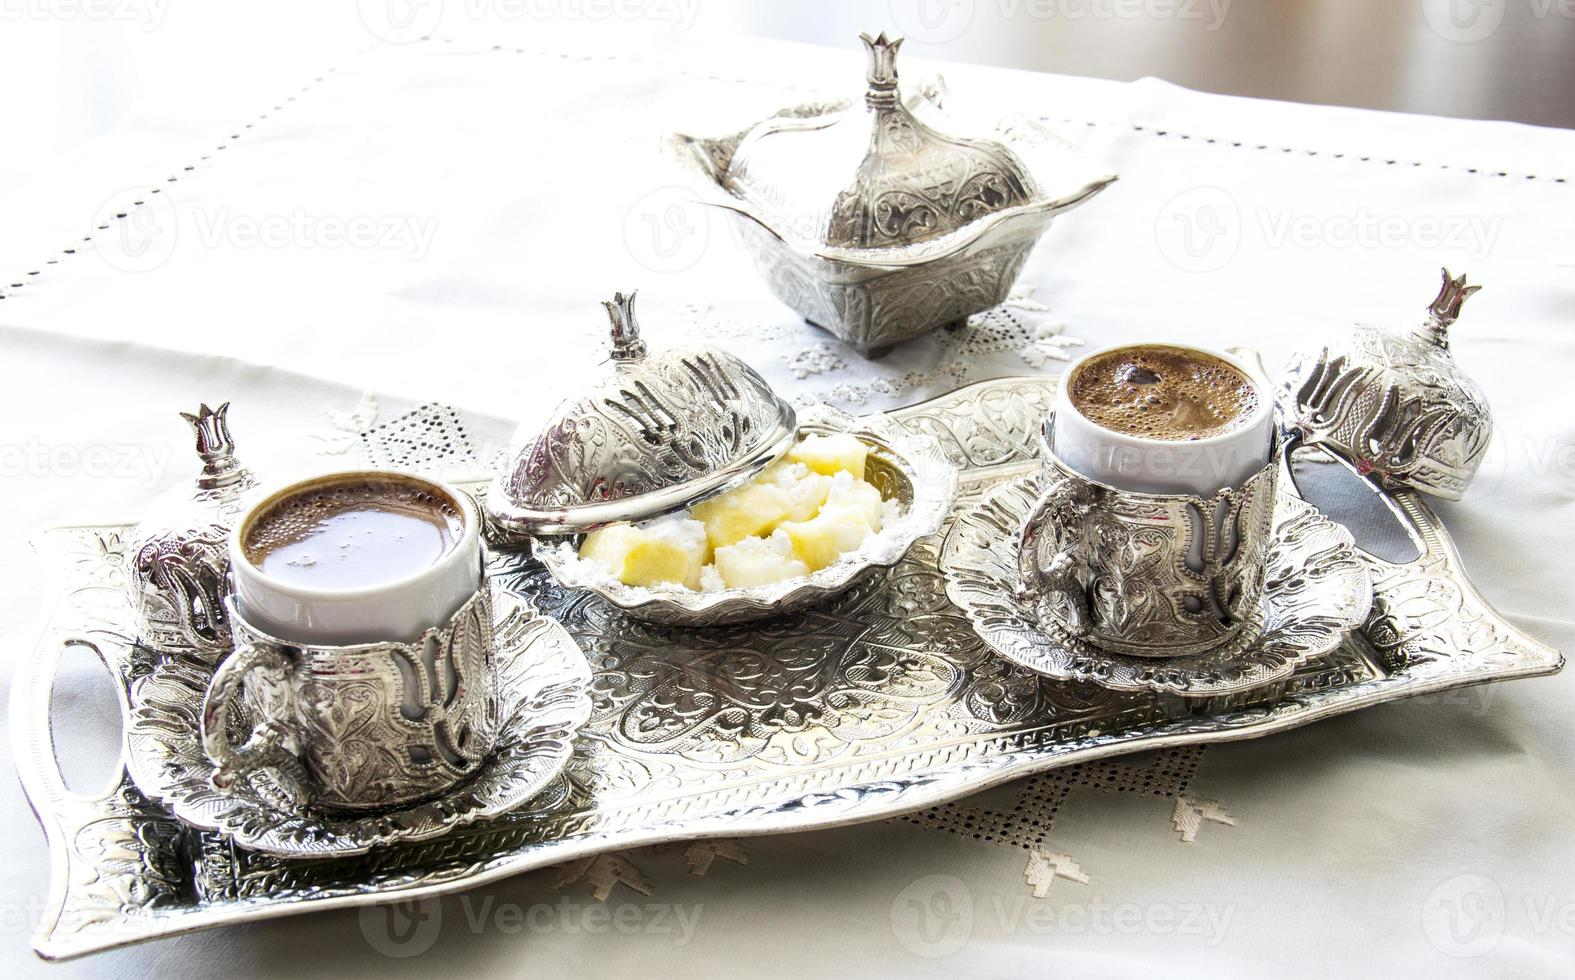 caffè turco con delizia e servizio tradizionale in argento foto